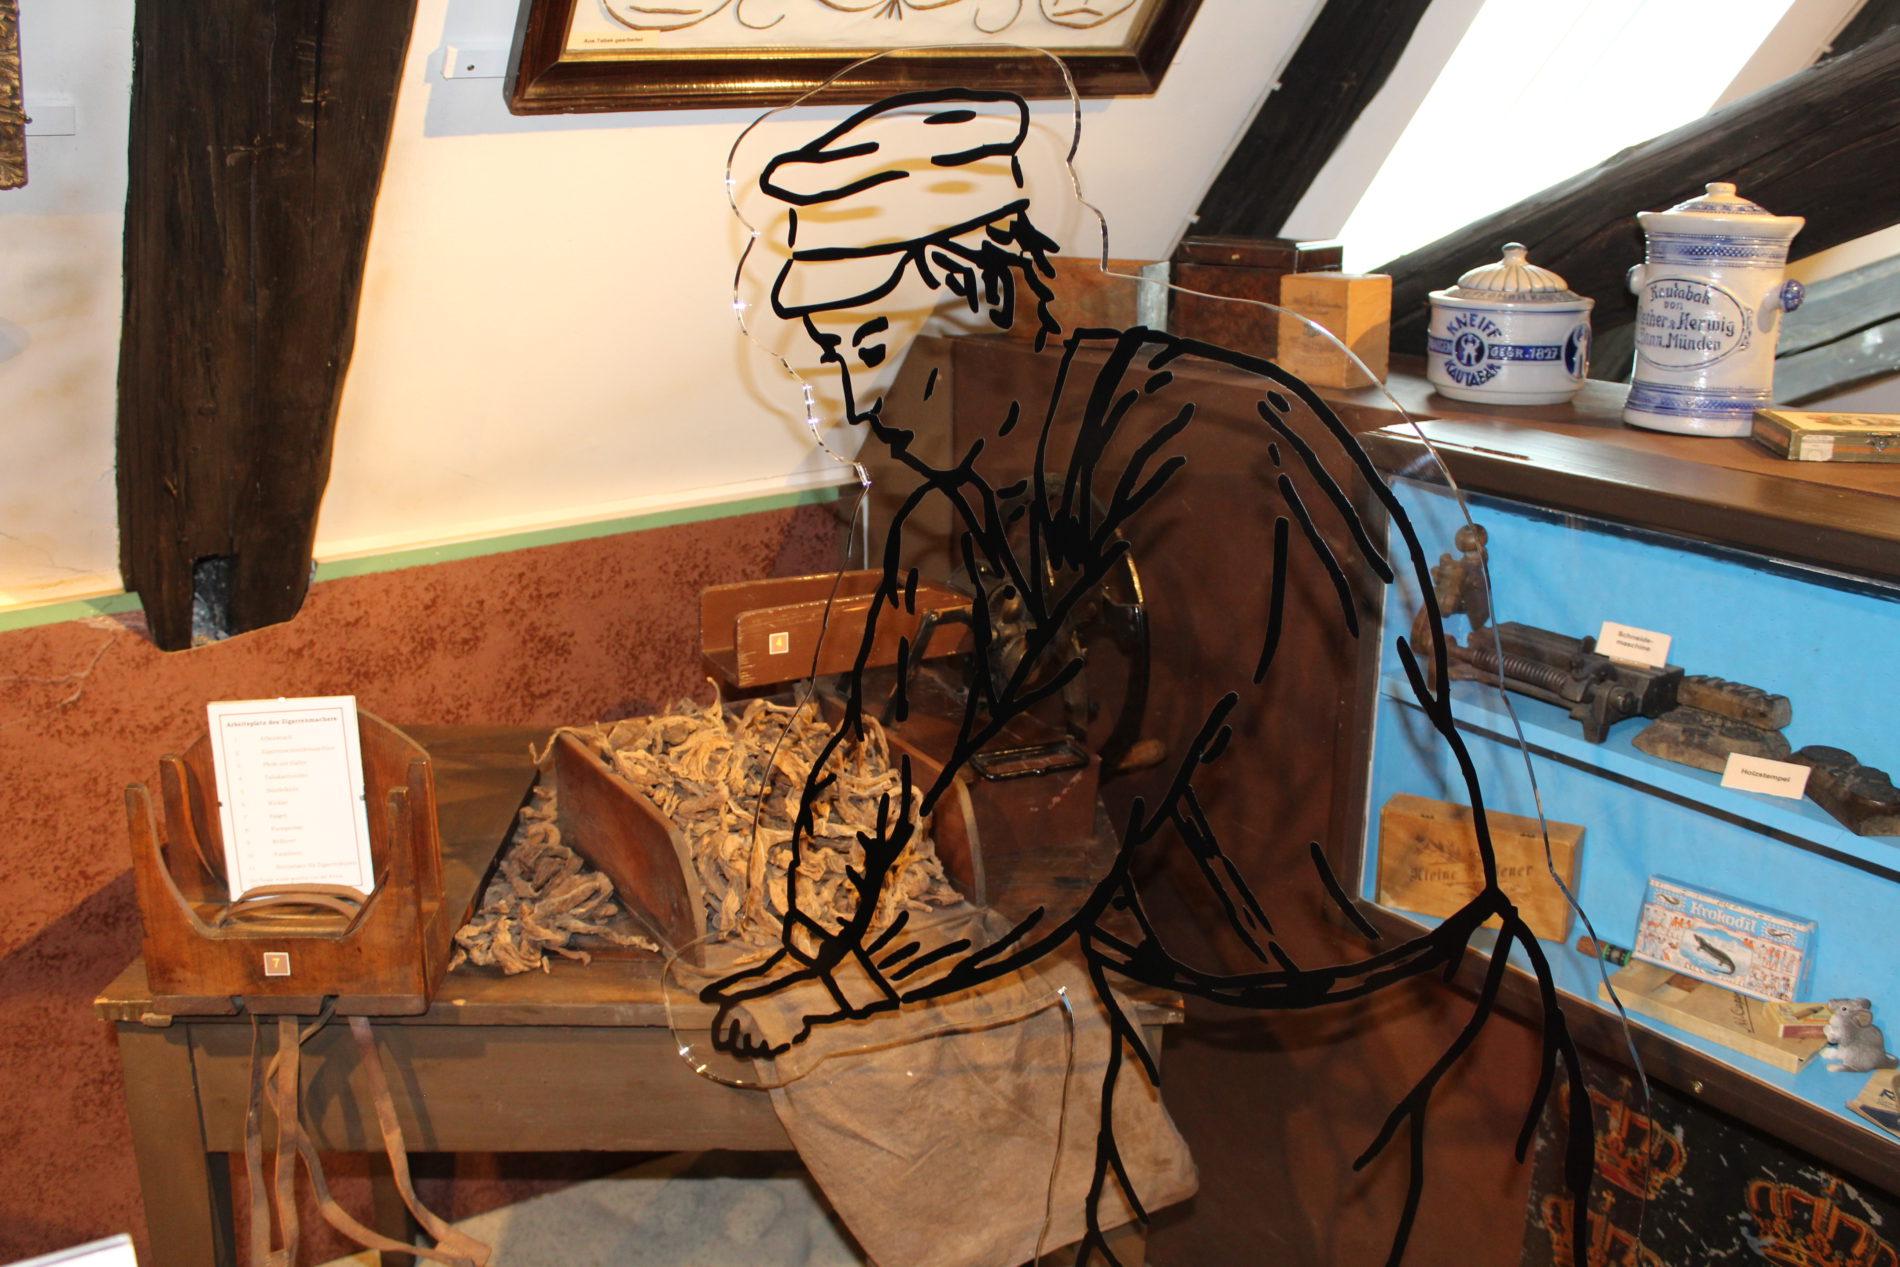 Das frühere Zigarrenmacher-Handwerk wird neben vielen anderen Zünften im Domherrenhaus Verden dargestellt